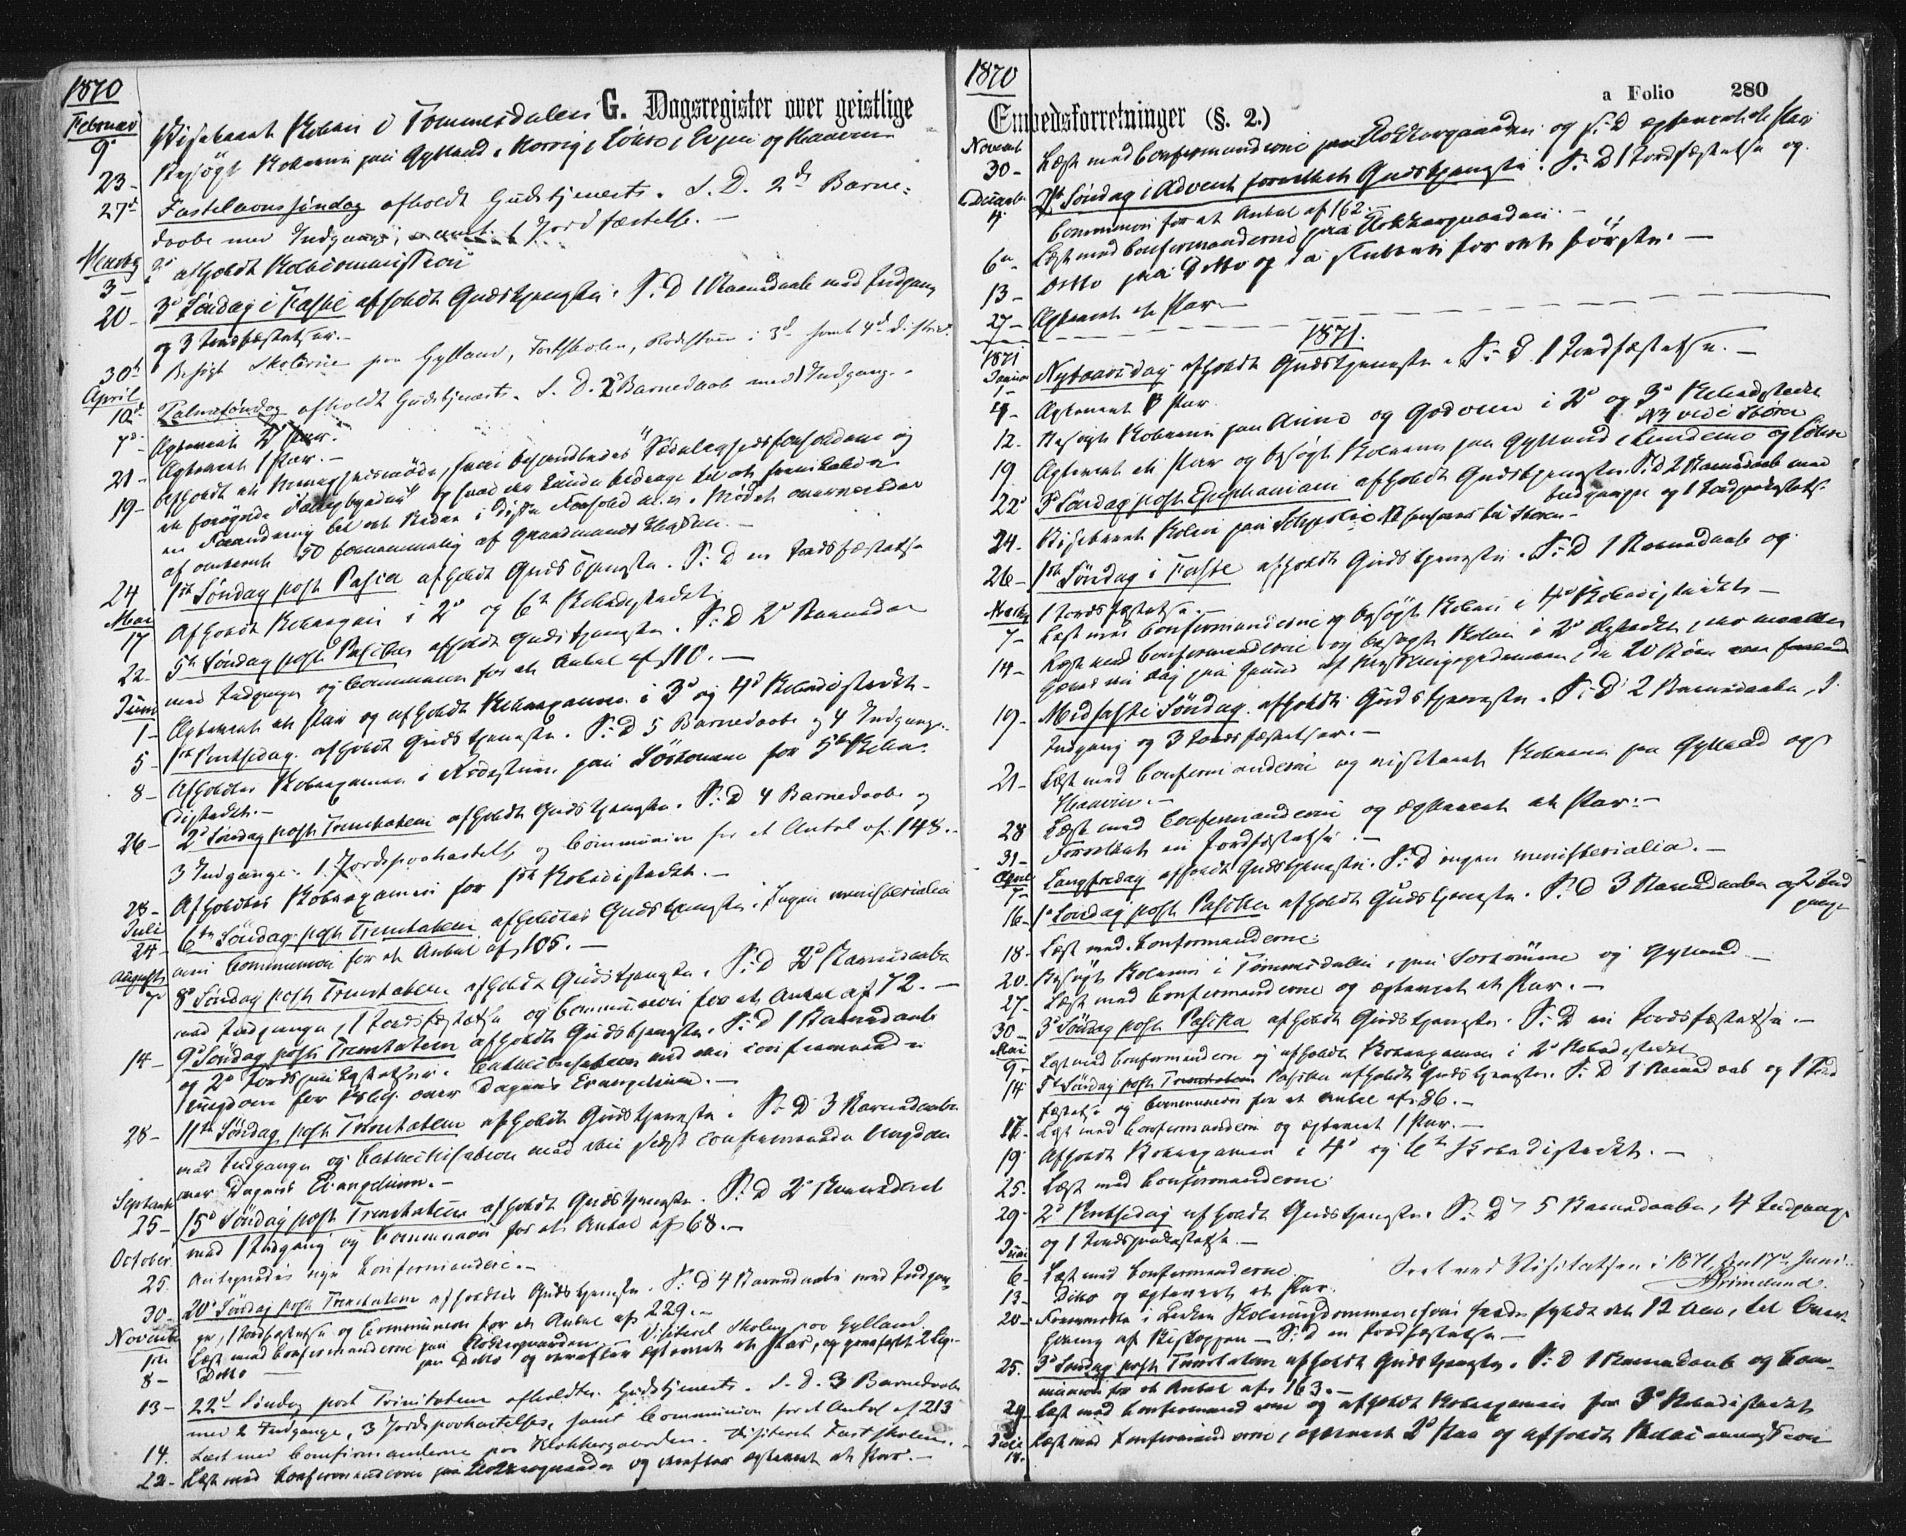 SAT, Ministerialprotokoller, klokkerbøker og fødselsregistre - Sør-Trøndelag, 692/L1104: Ministerialbok nr. 692A04, 1862-1878, s. 280